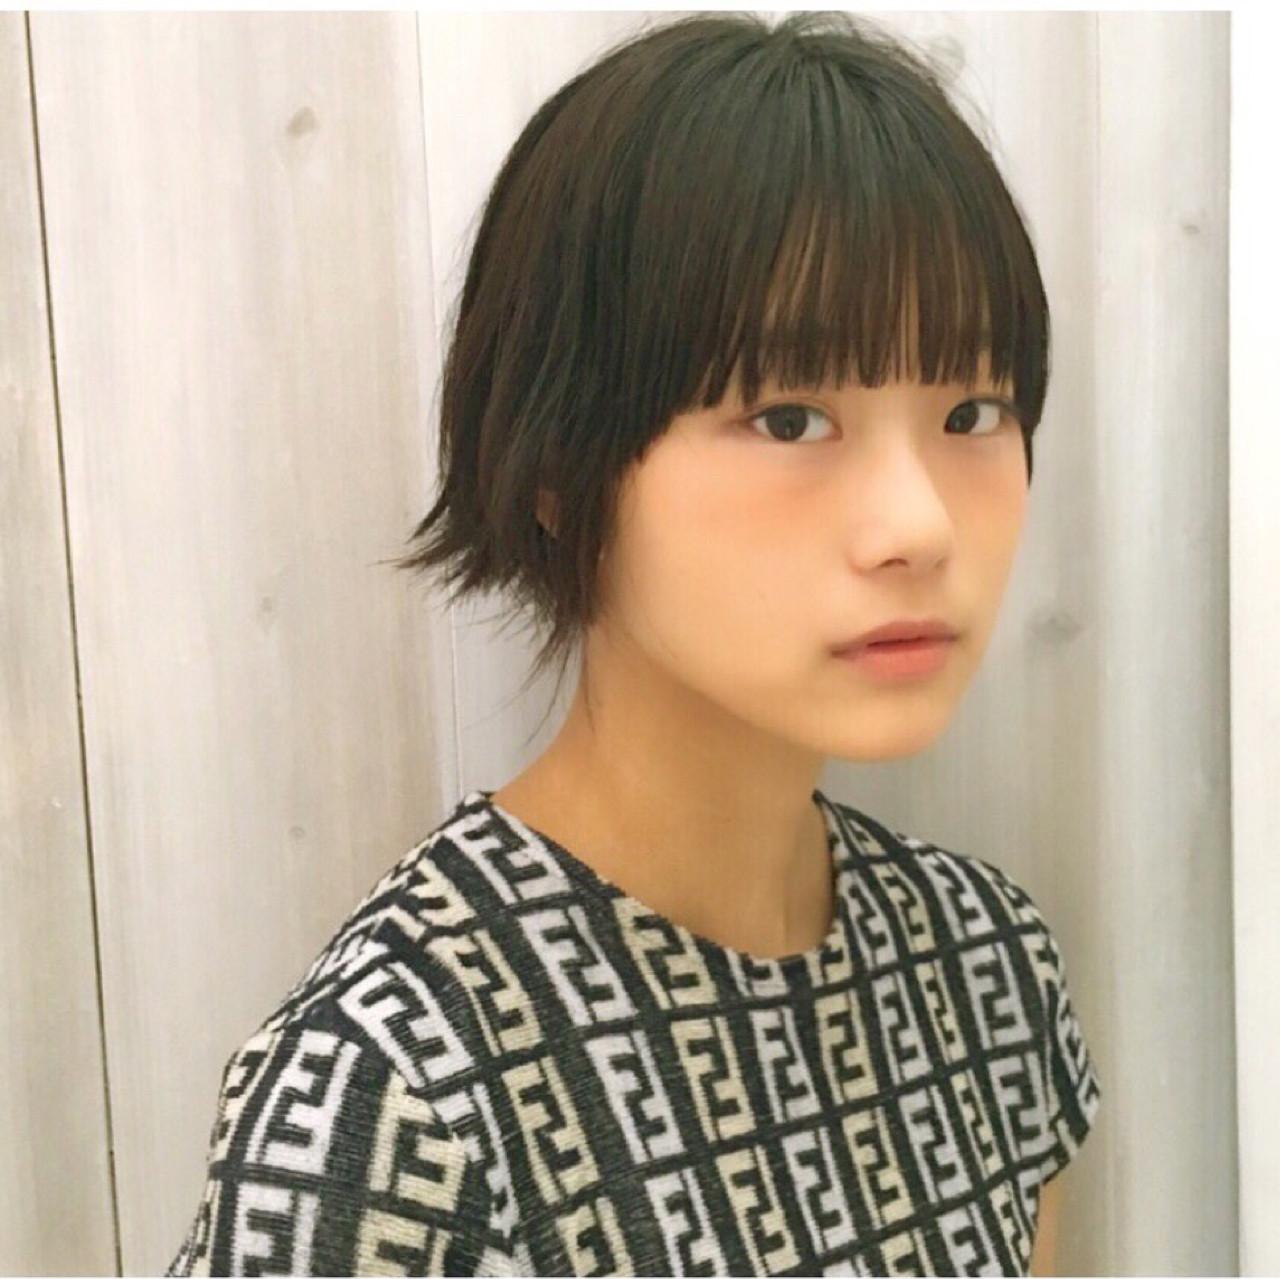 黒髪 ナチュラル ピュア ショート ヘアスタイルや髪型の写真・画像 | 中村 美穂 / k-two